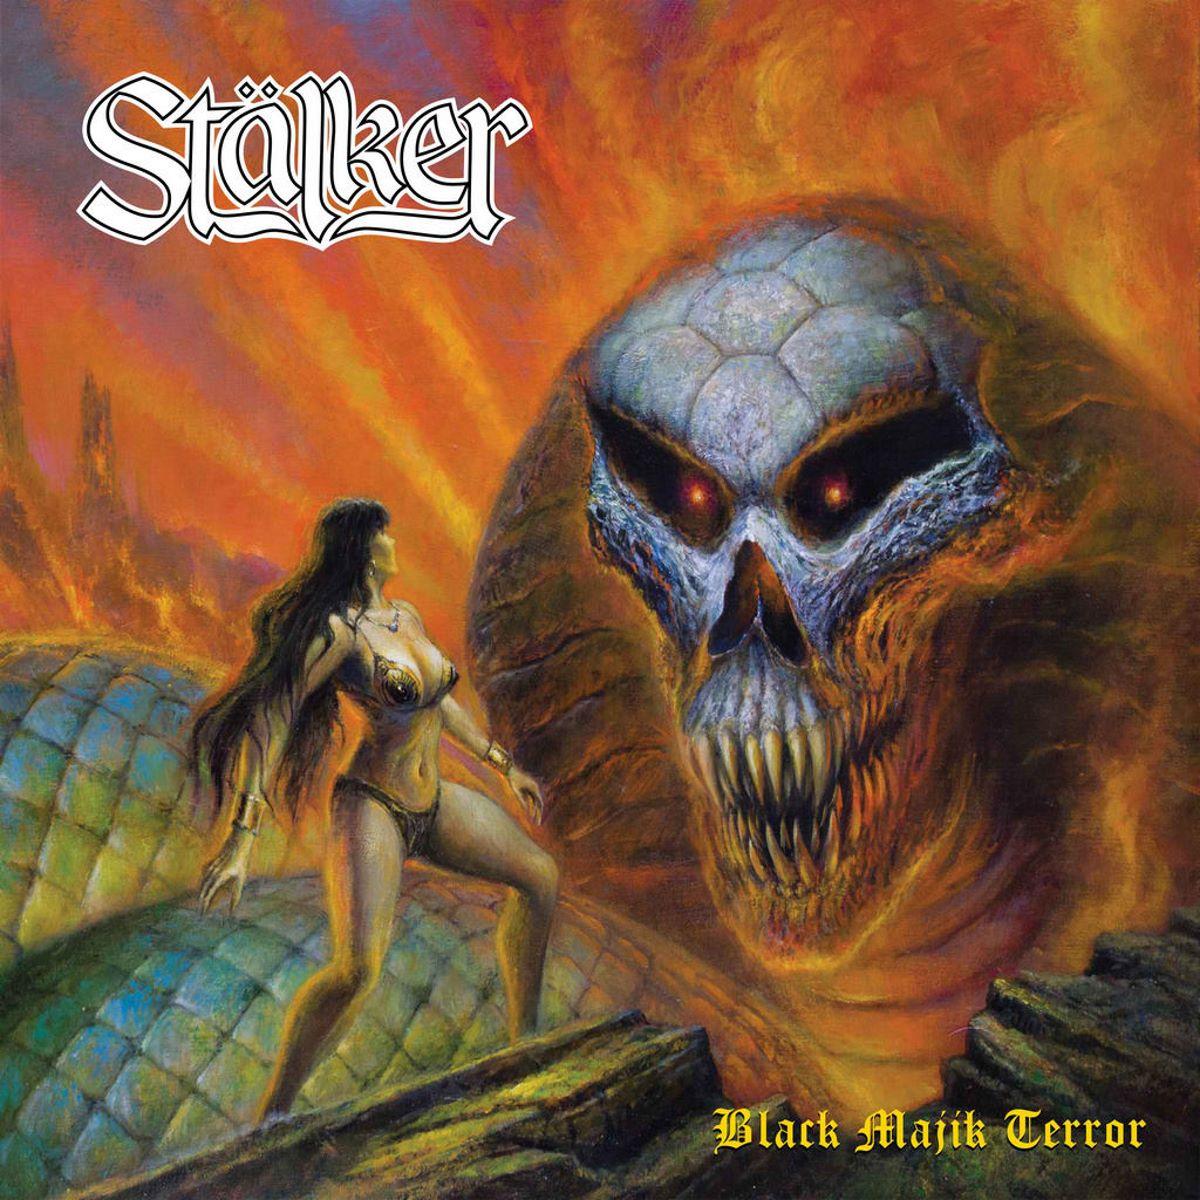 stalker - black majik terror - album cover